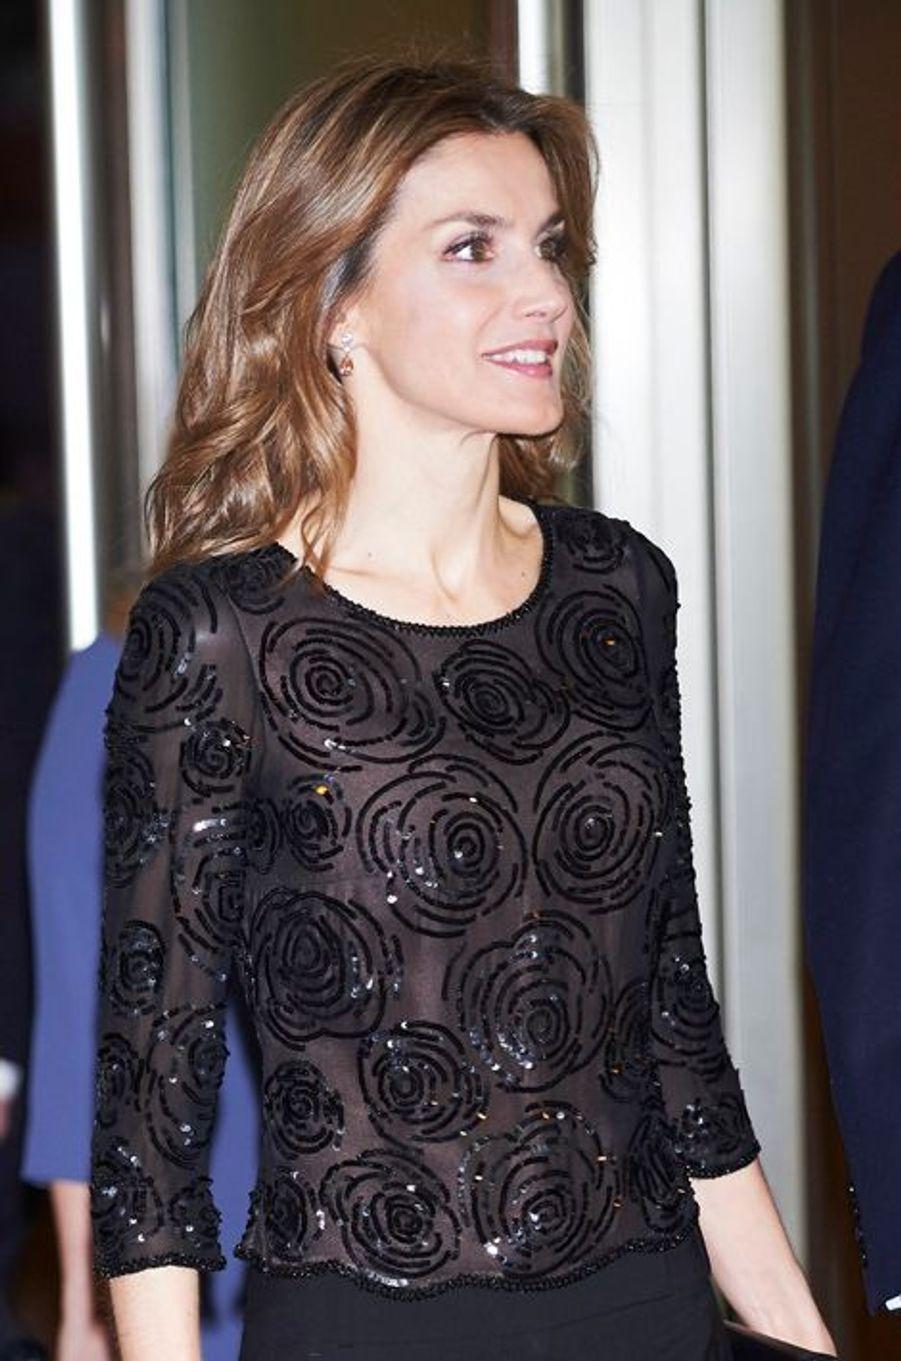 La reine Letizia d'Espagne au concert annuel pour les victimes du terrorisme à Madrid, le 12 mars 2015